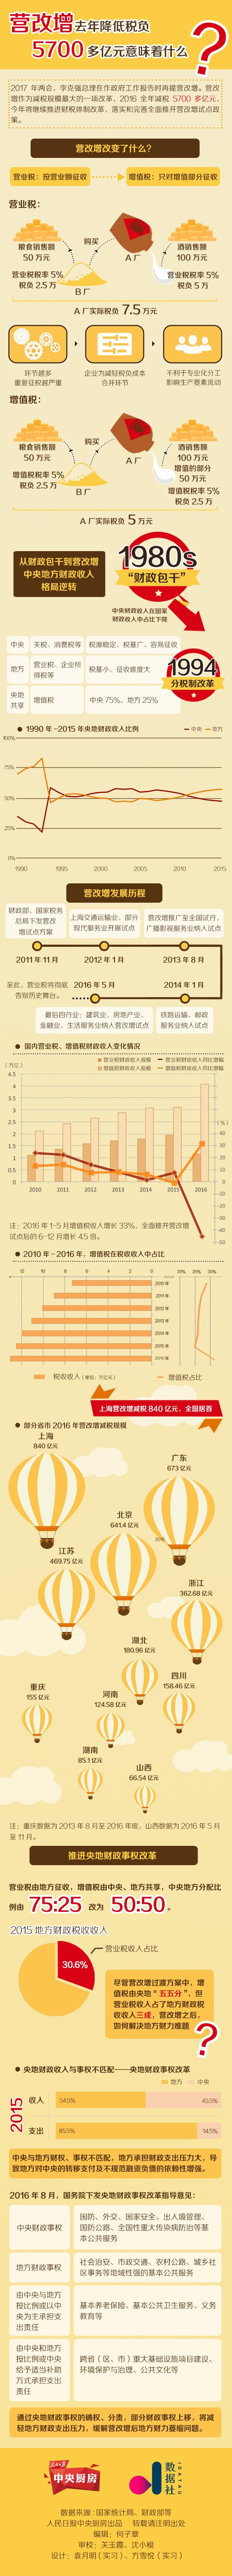 营改增去年降低税负5700多亿元意味着什么?